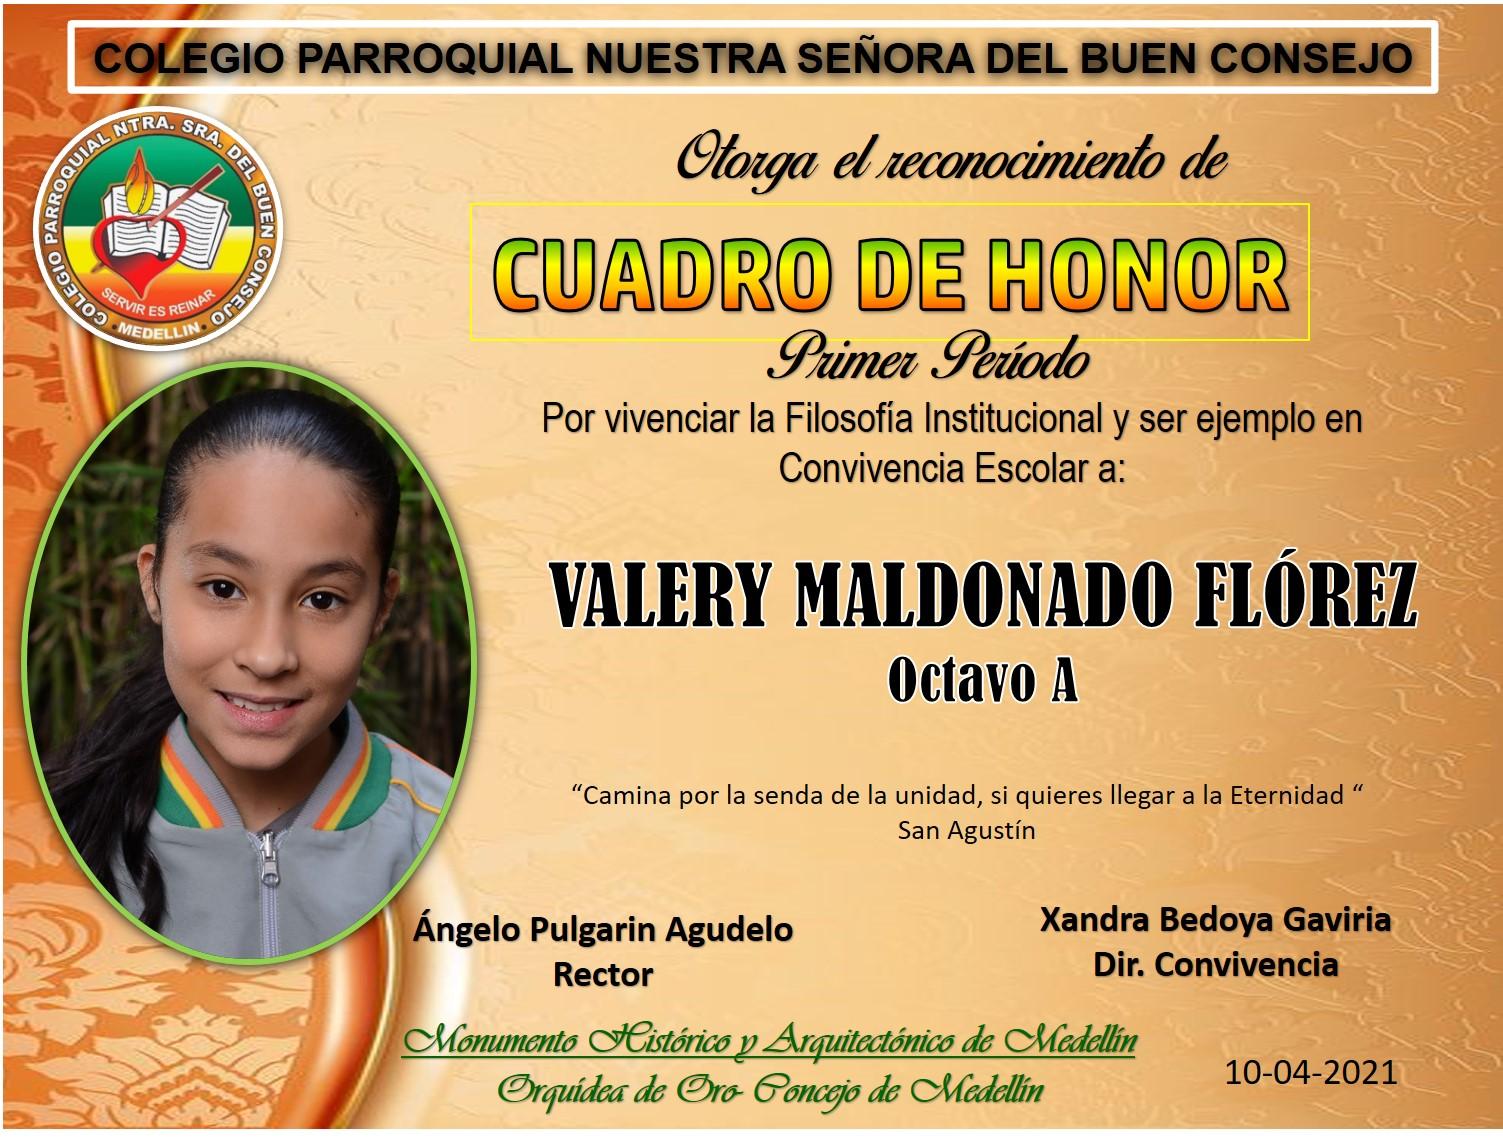 8°A VALERY MALDONADO FLOREZ.png